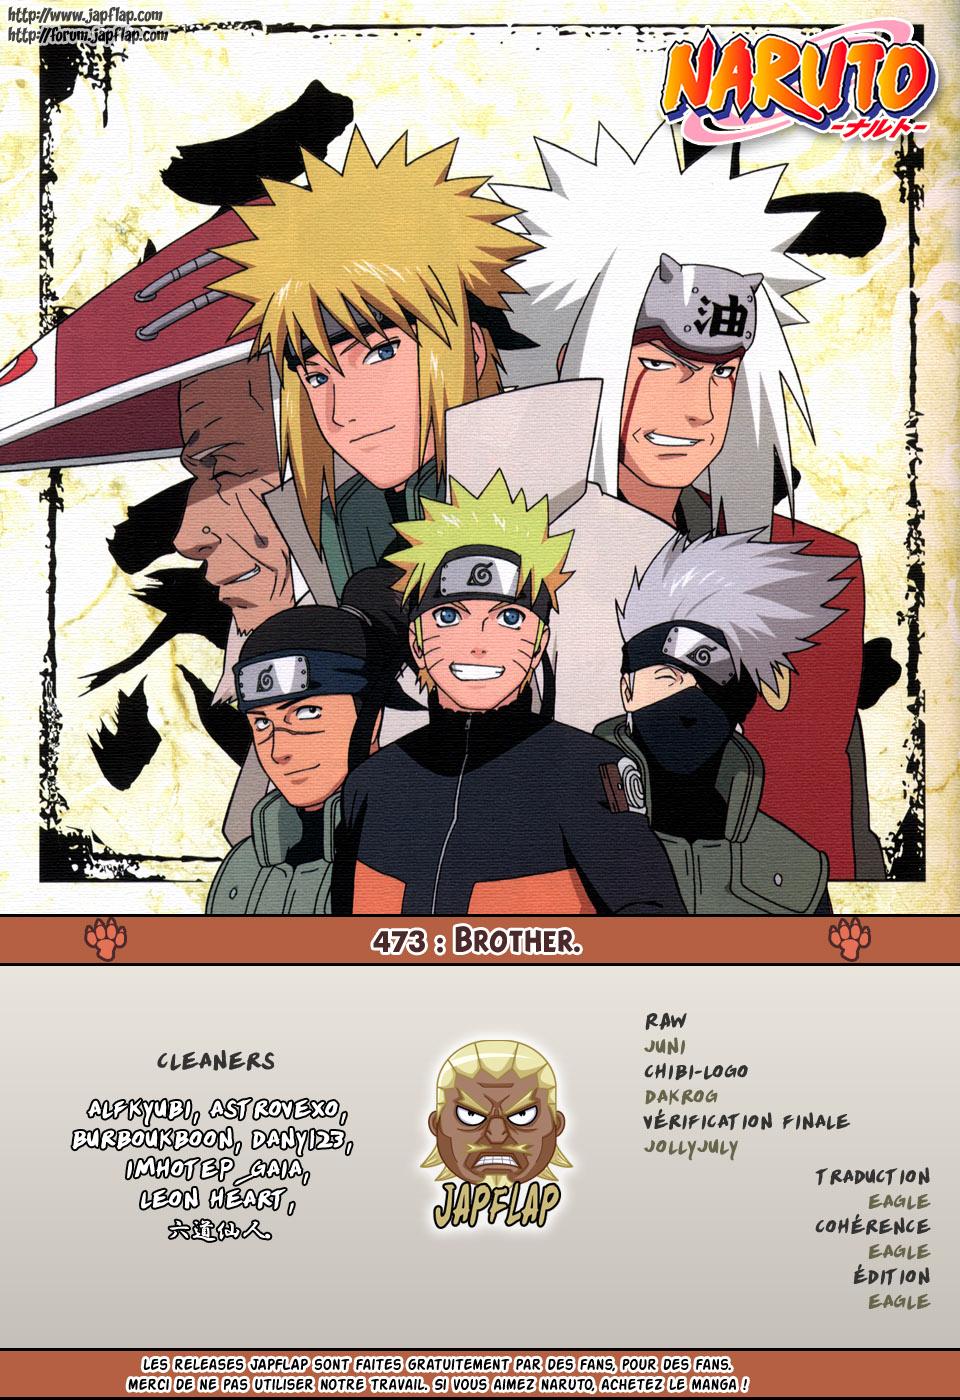 Naruto chapitre 473 - Page 17